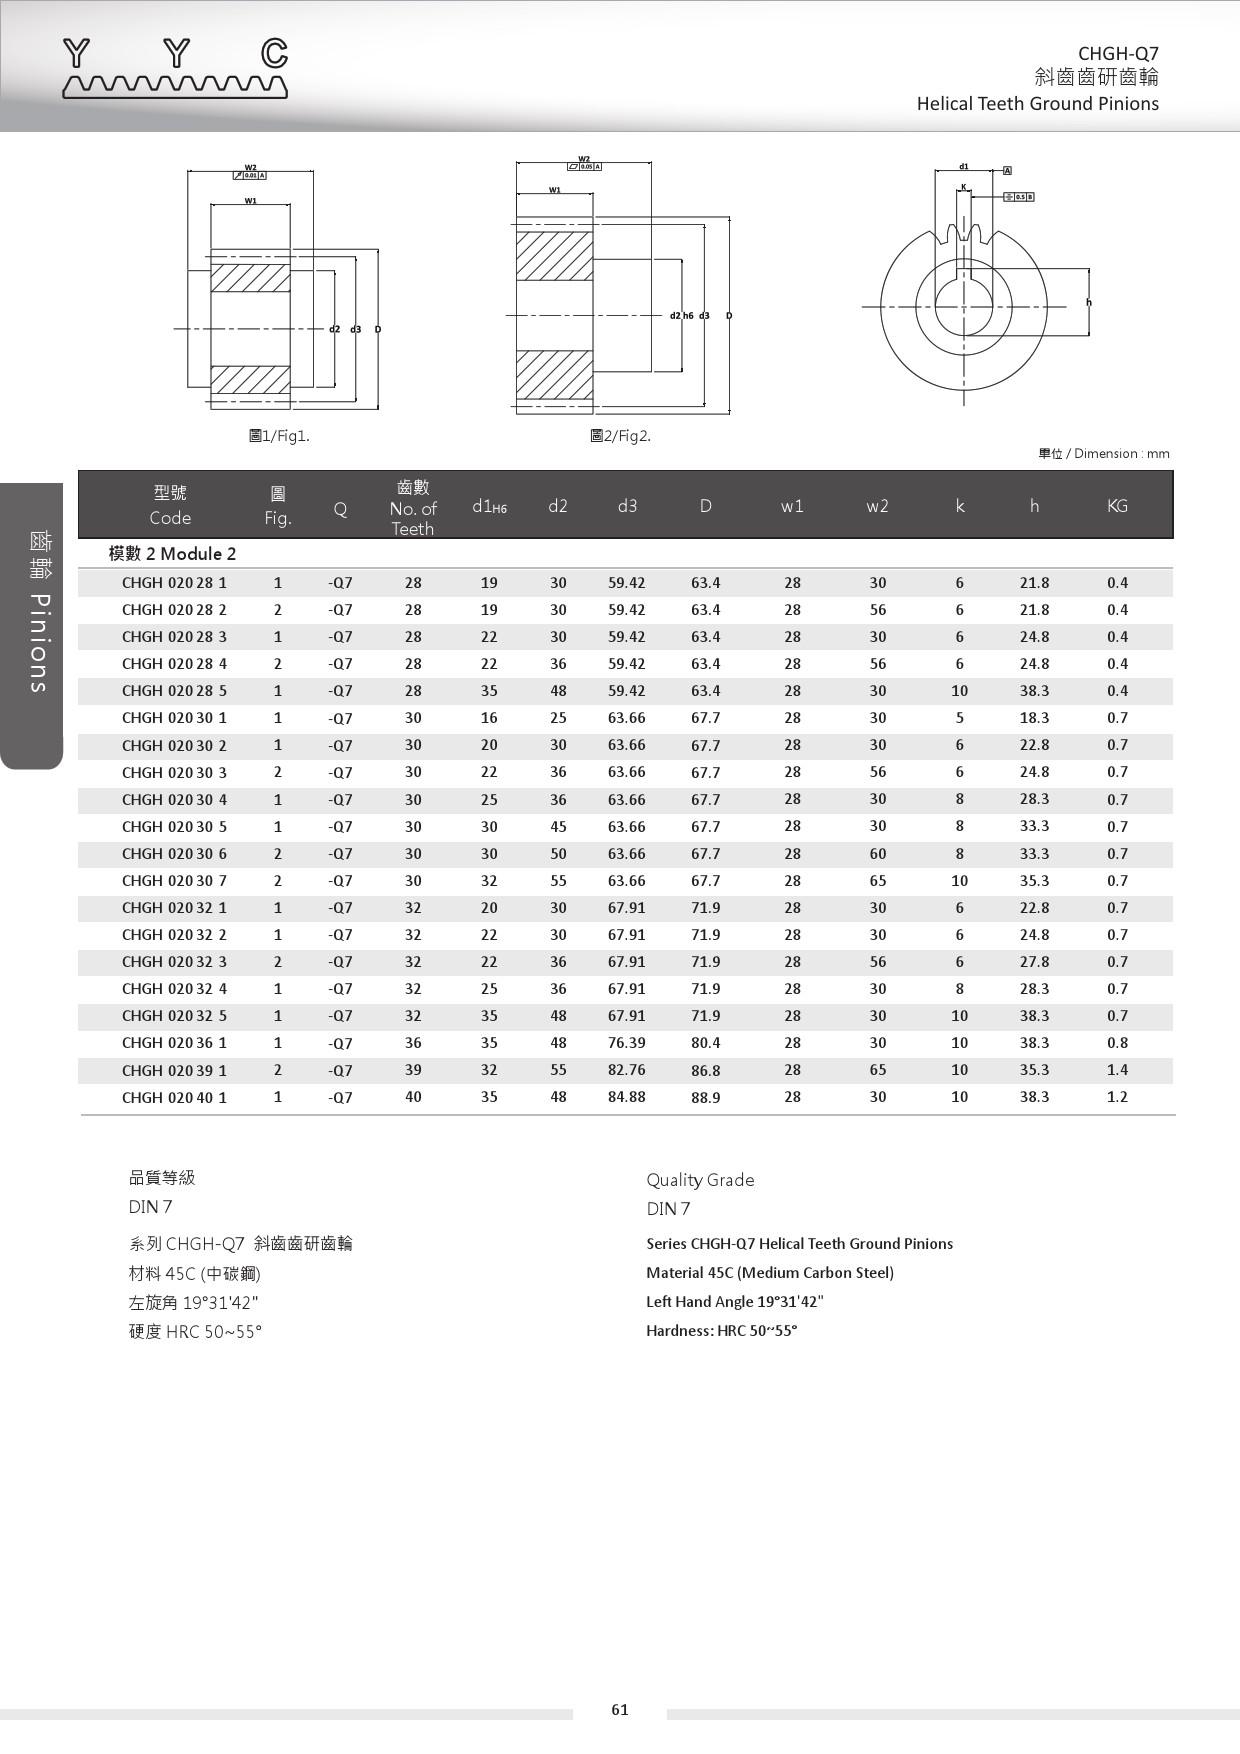 CHGH-Q7-2 斜齒齒研齒輪